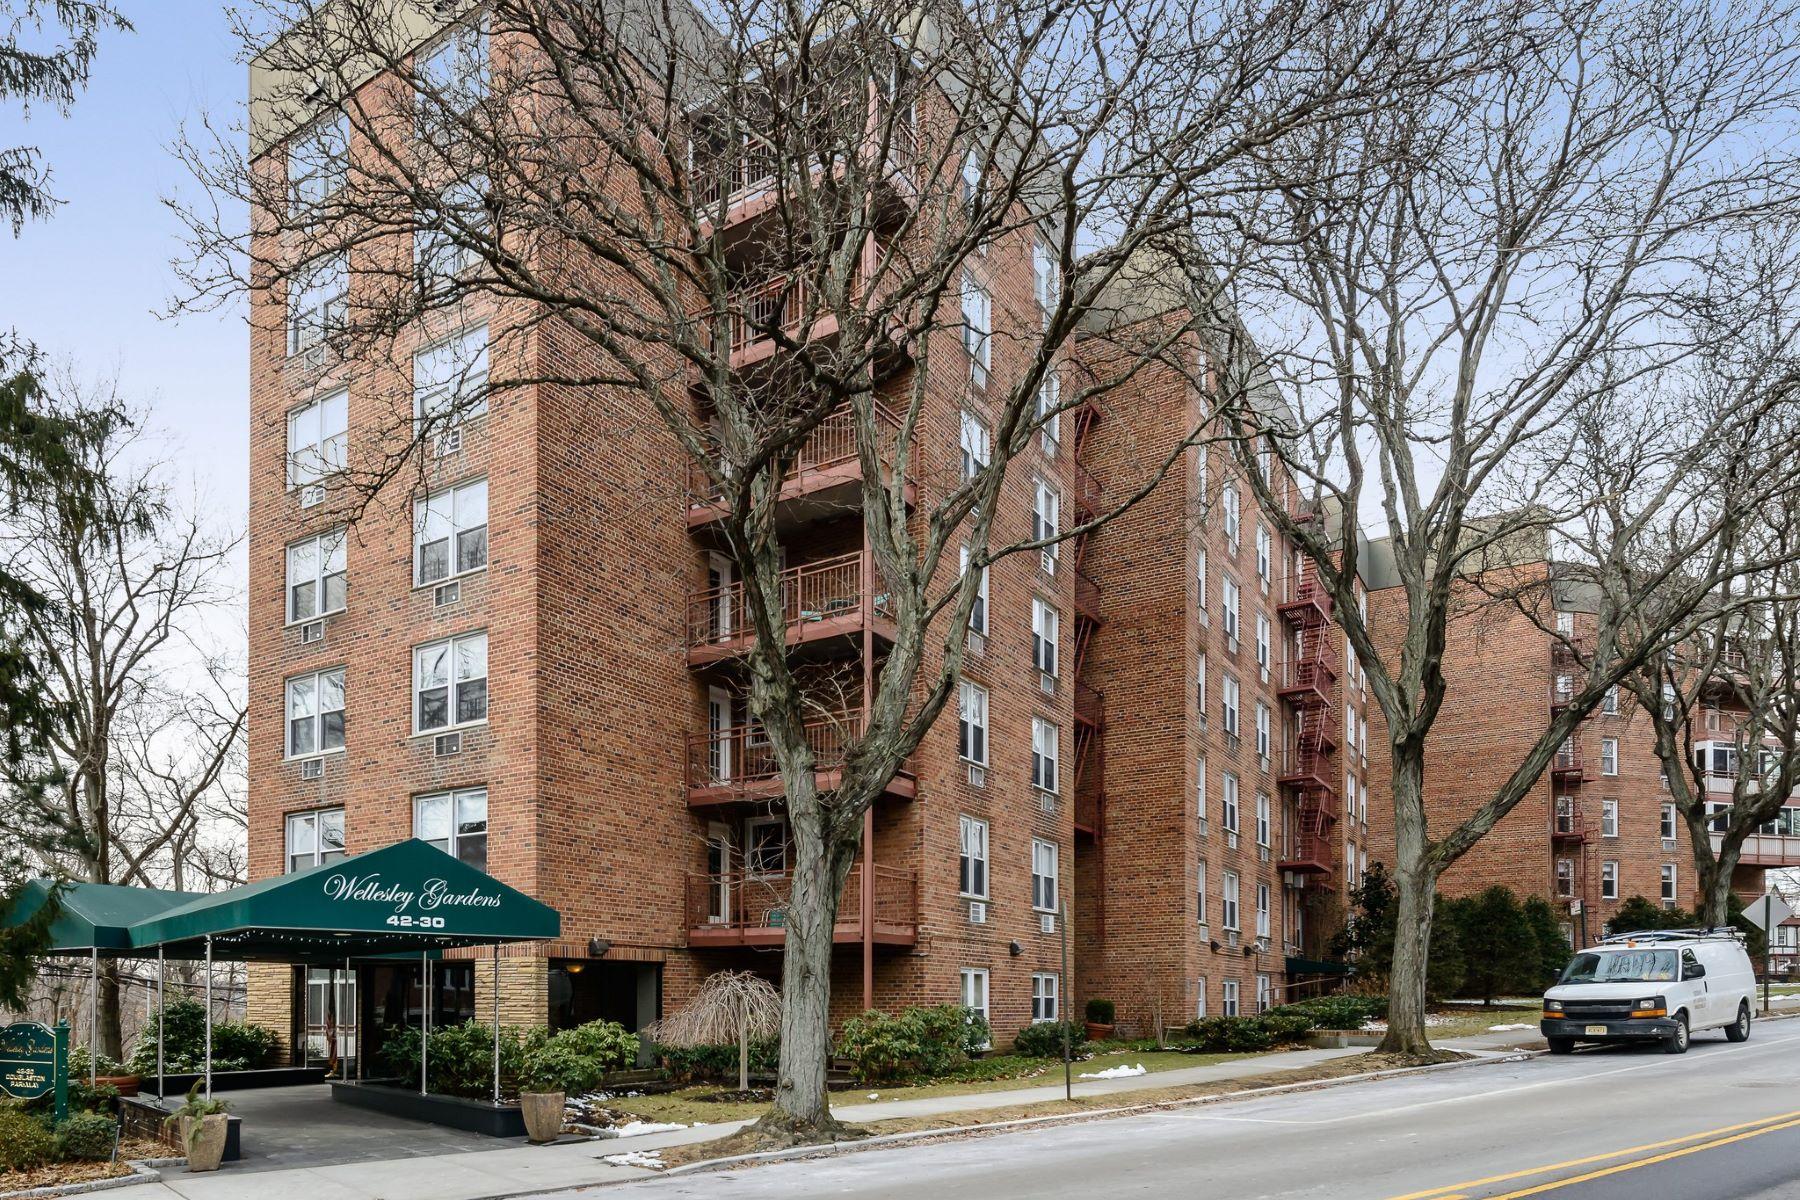 合作公寓 为 销售 在 42-30 Douglaston , Douglaston, NY 11363 42-30 Douglaston 6N, 道格拉斯顿, 纽约州, 11363 美国